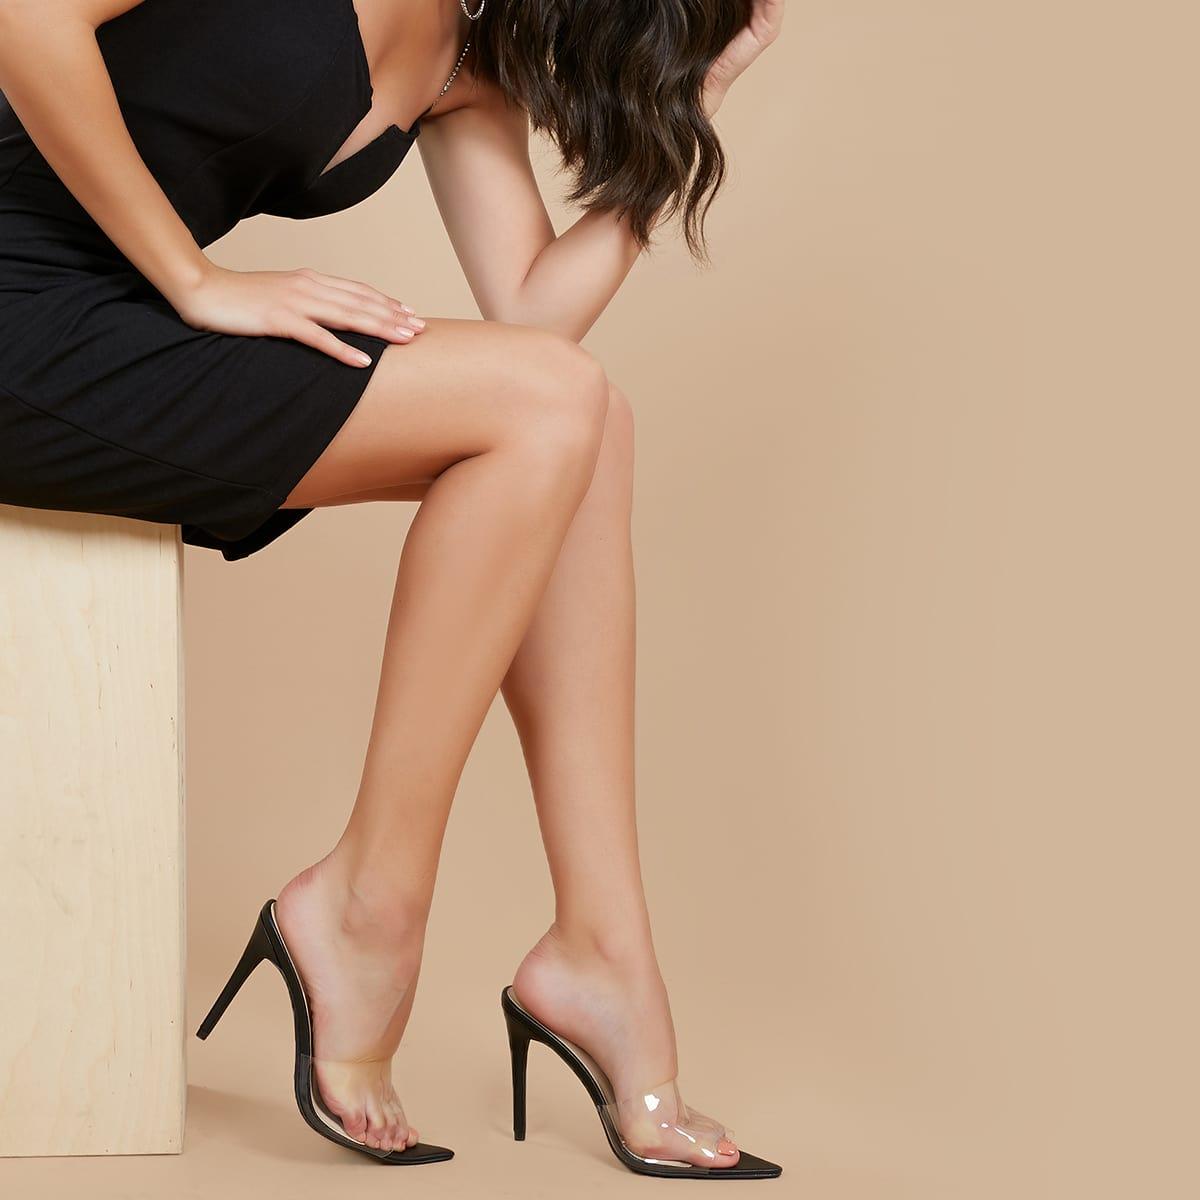 Остроконечные прозрачные туфли на шпильках